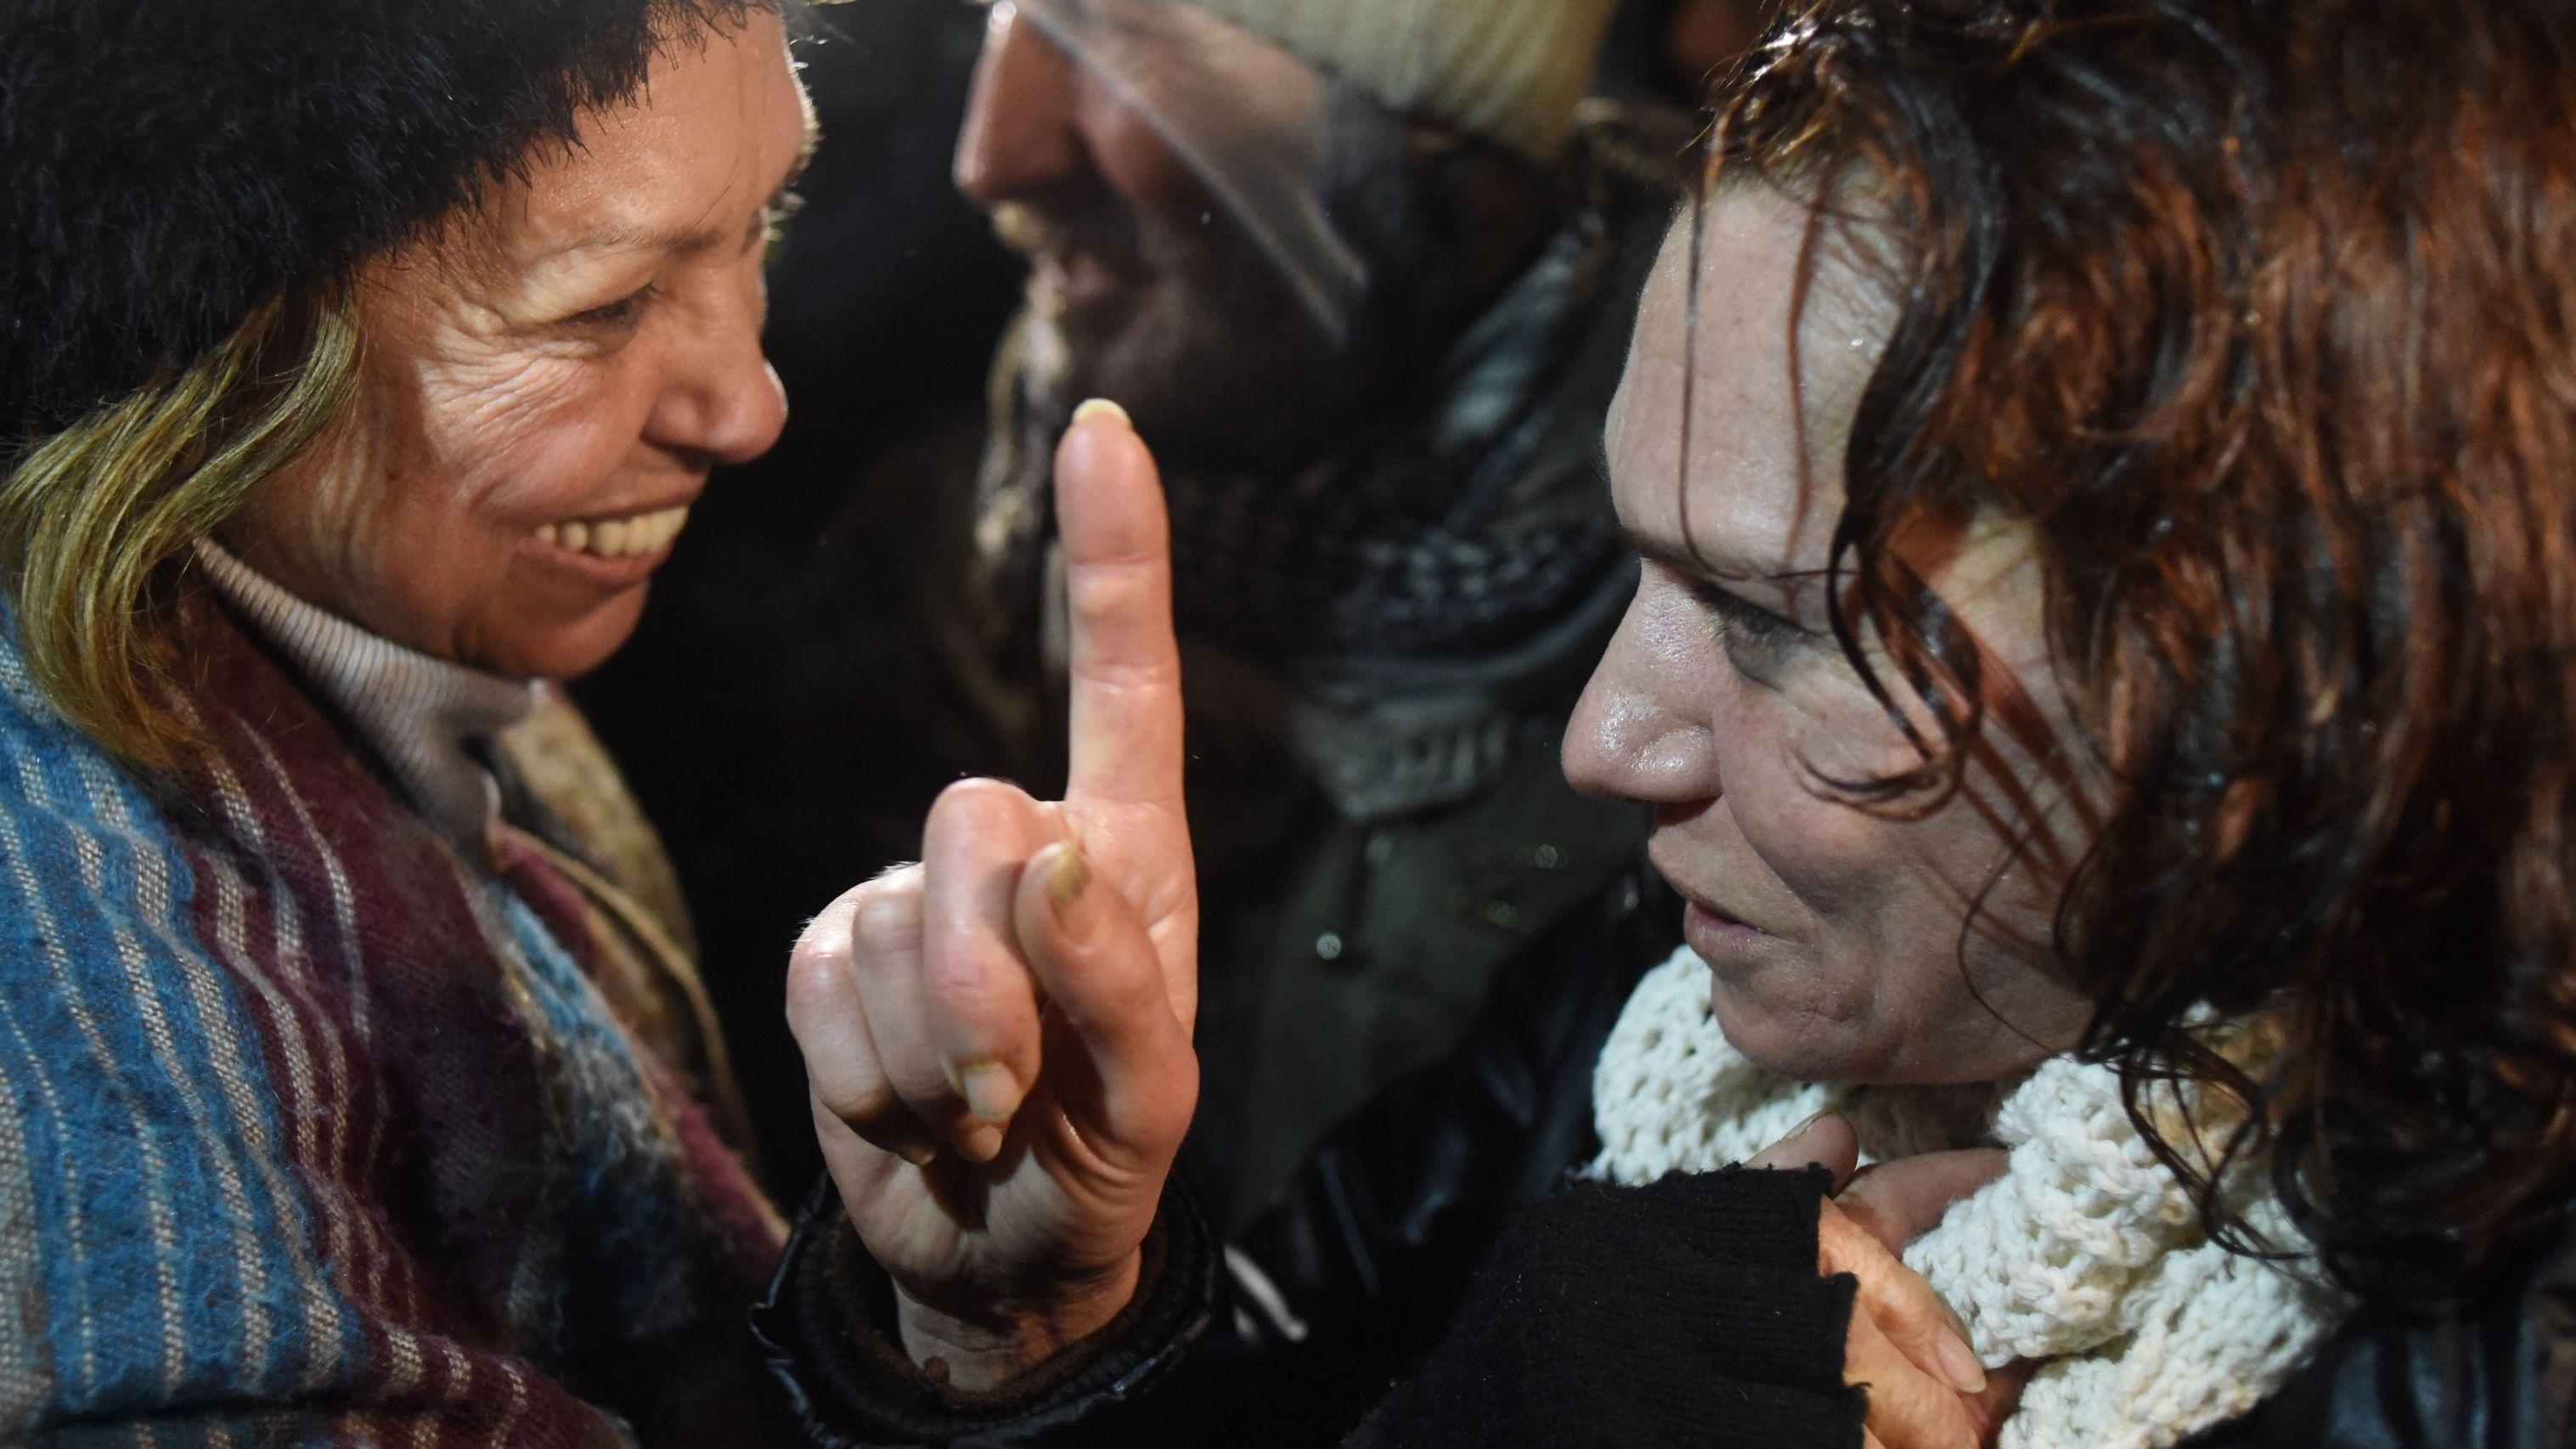 Aslı Erdoğan und ihre Mutter, beide Frauen im Profil, lachend, nach Aslı Erdoğans Haftentlassung